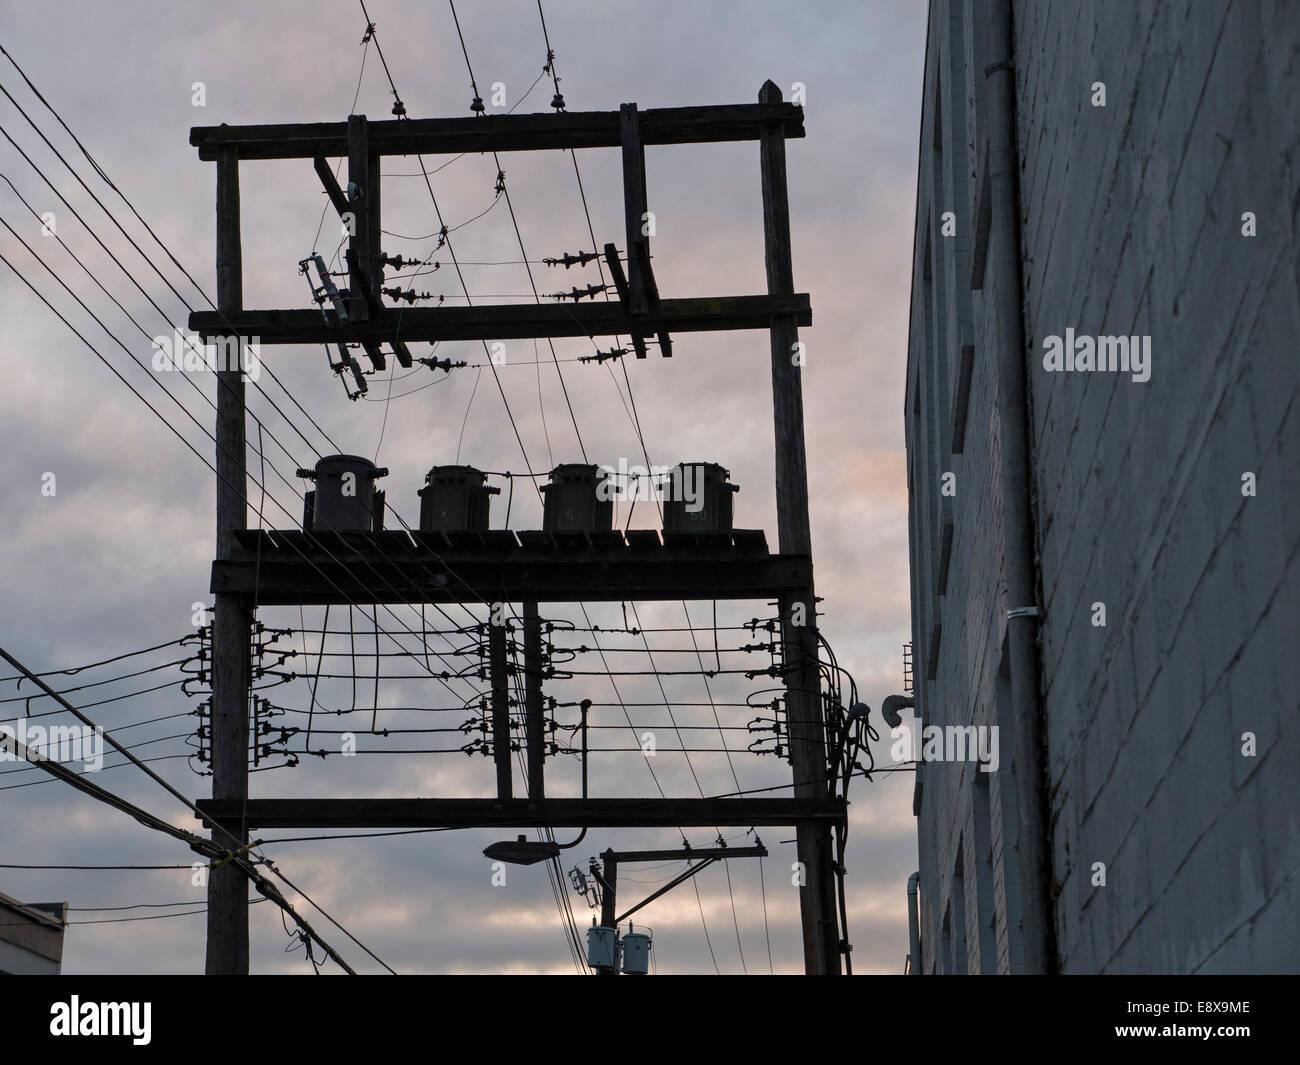 Silhouette, Strommasten und Leitungen, Teil der Infrastruktur einer Stadt, Vancouver, b.c., Kanada. Stockbild